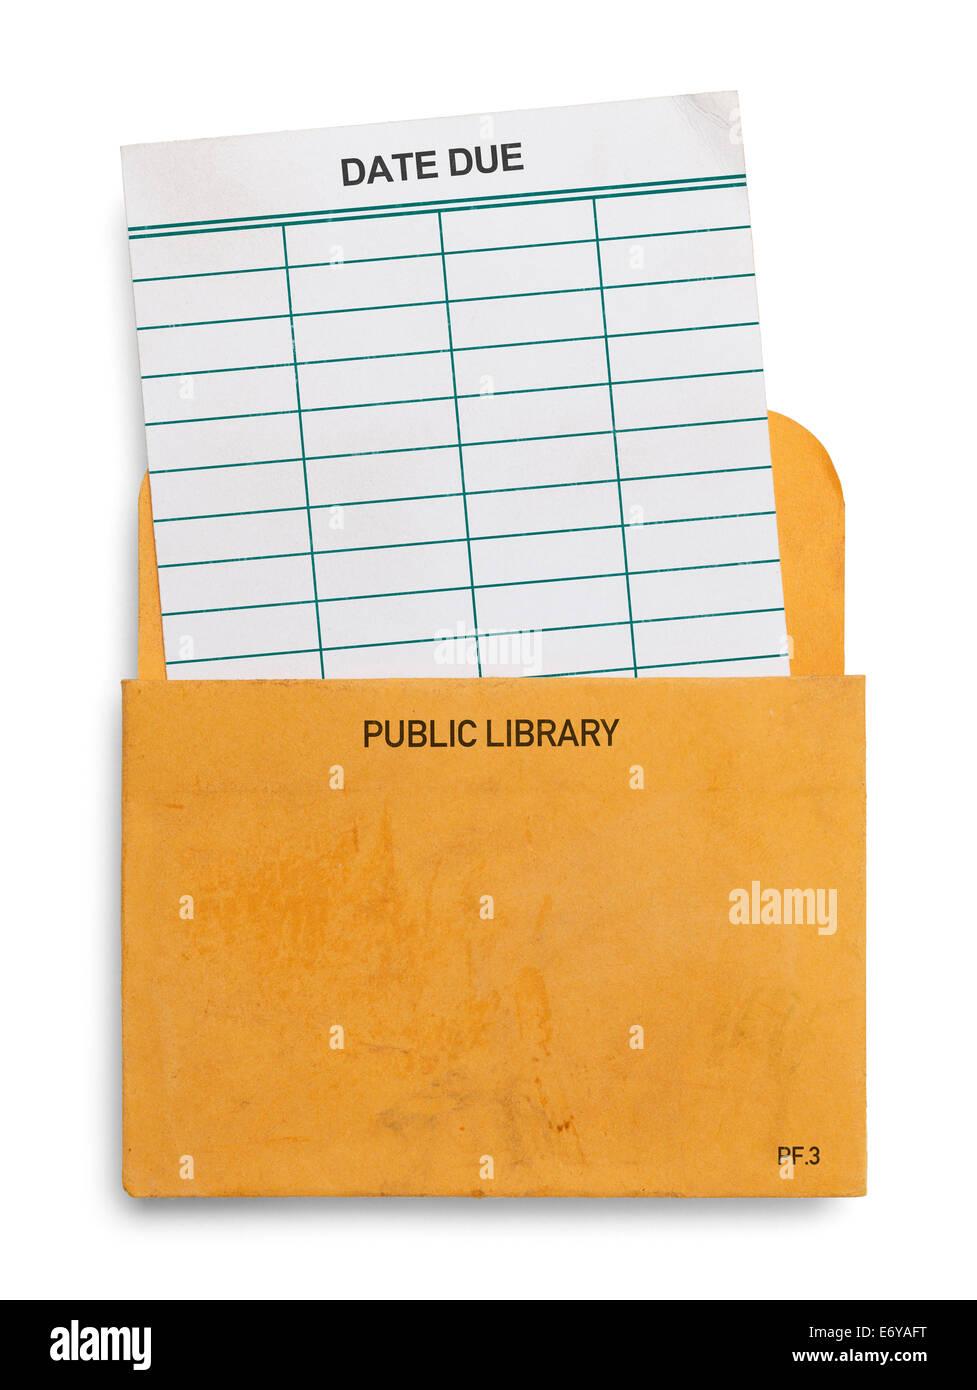 Blank biblioteca pubblica Prenota Check Out carta a causa dello slittamento di data in busta gialla isolato su sfondo Immagini Stock